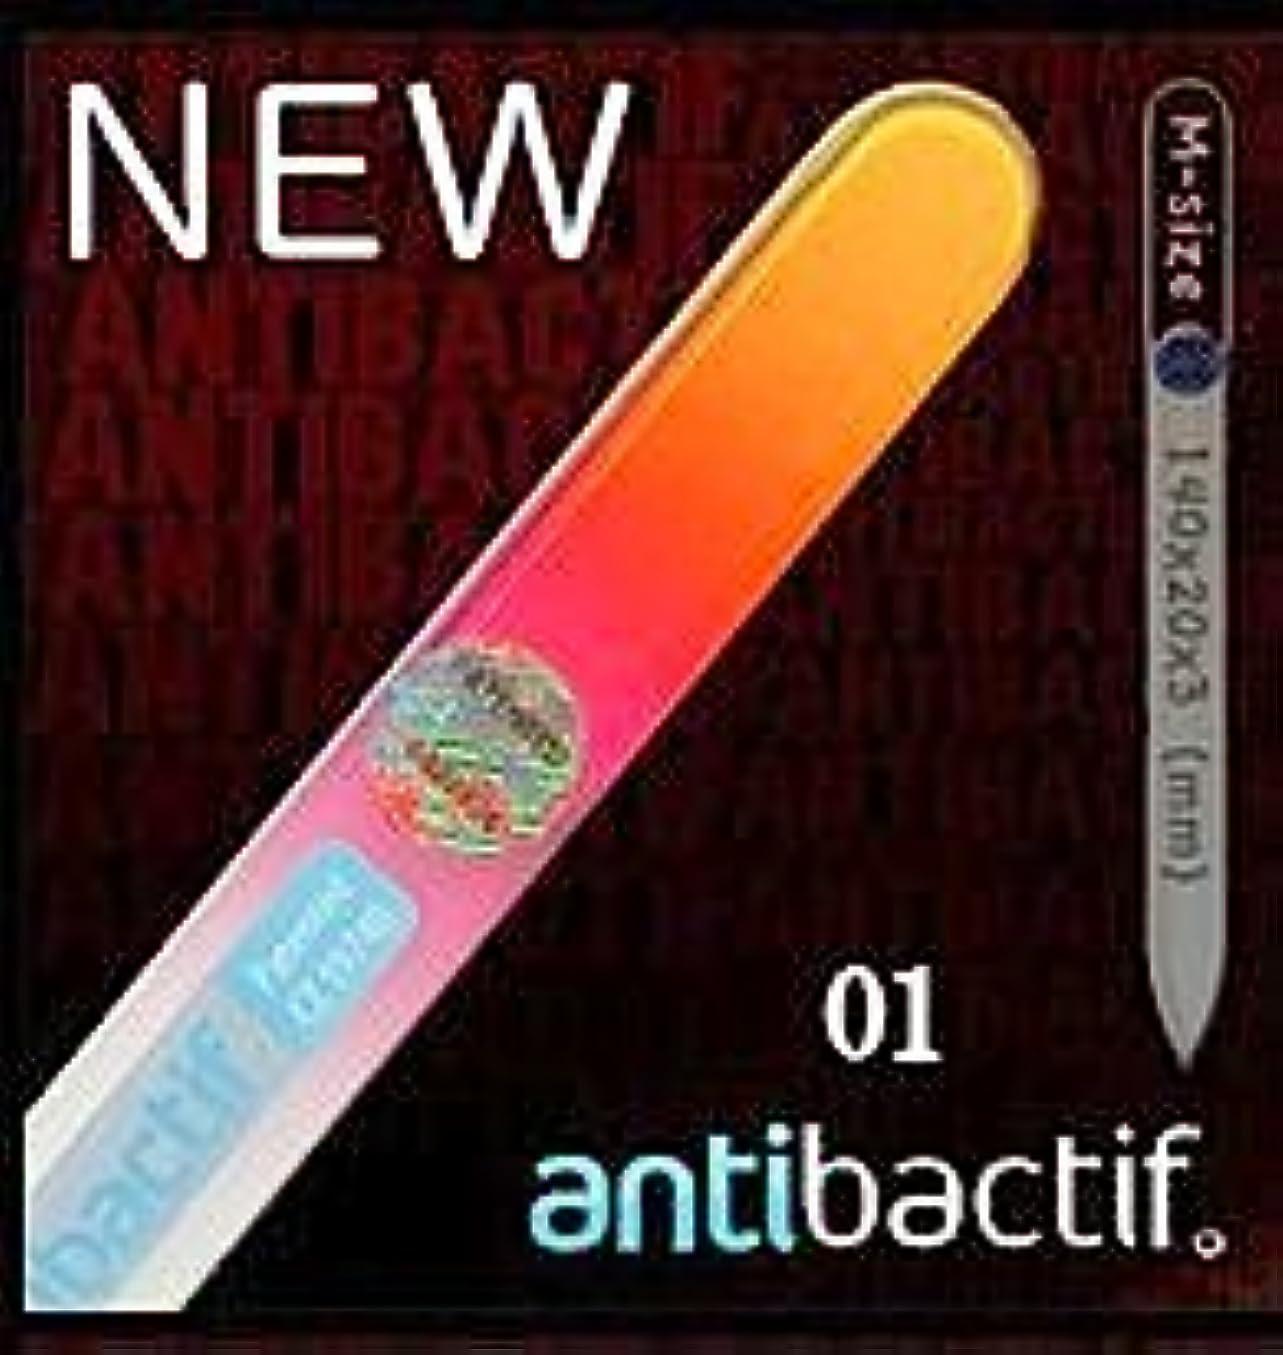 パレードいっぱいリラックスした【ブラジェク】ガラス爪やすり NEW antibactif カラー(両面ヤスリ) (01)